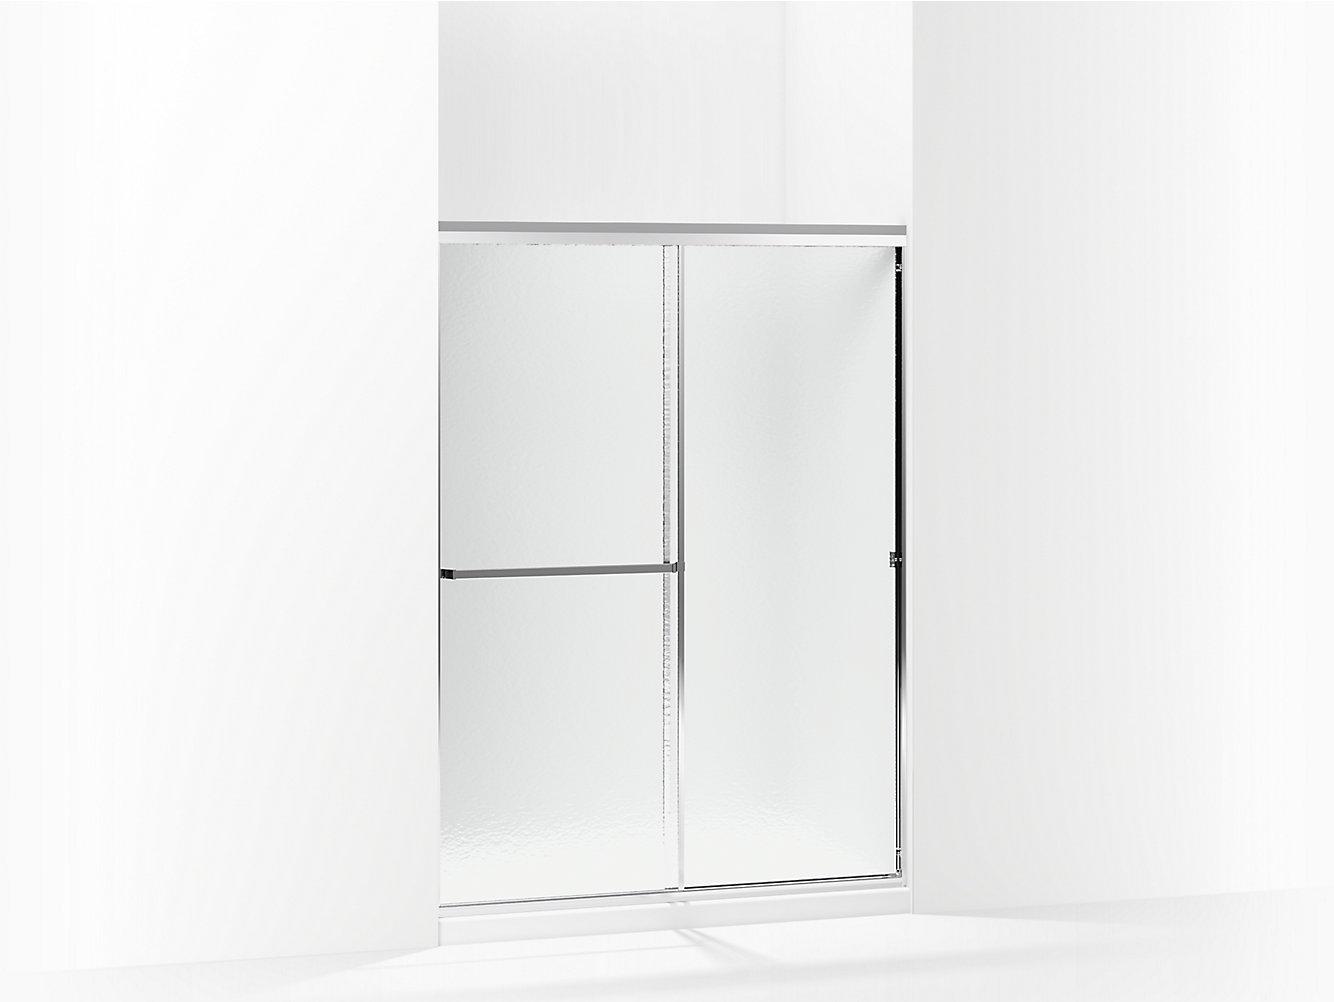 Standard Framed Sliding Shower Door 4752 W X 65 H 660b 52s